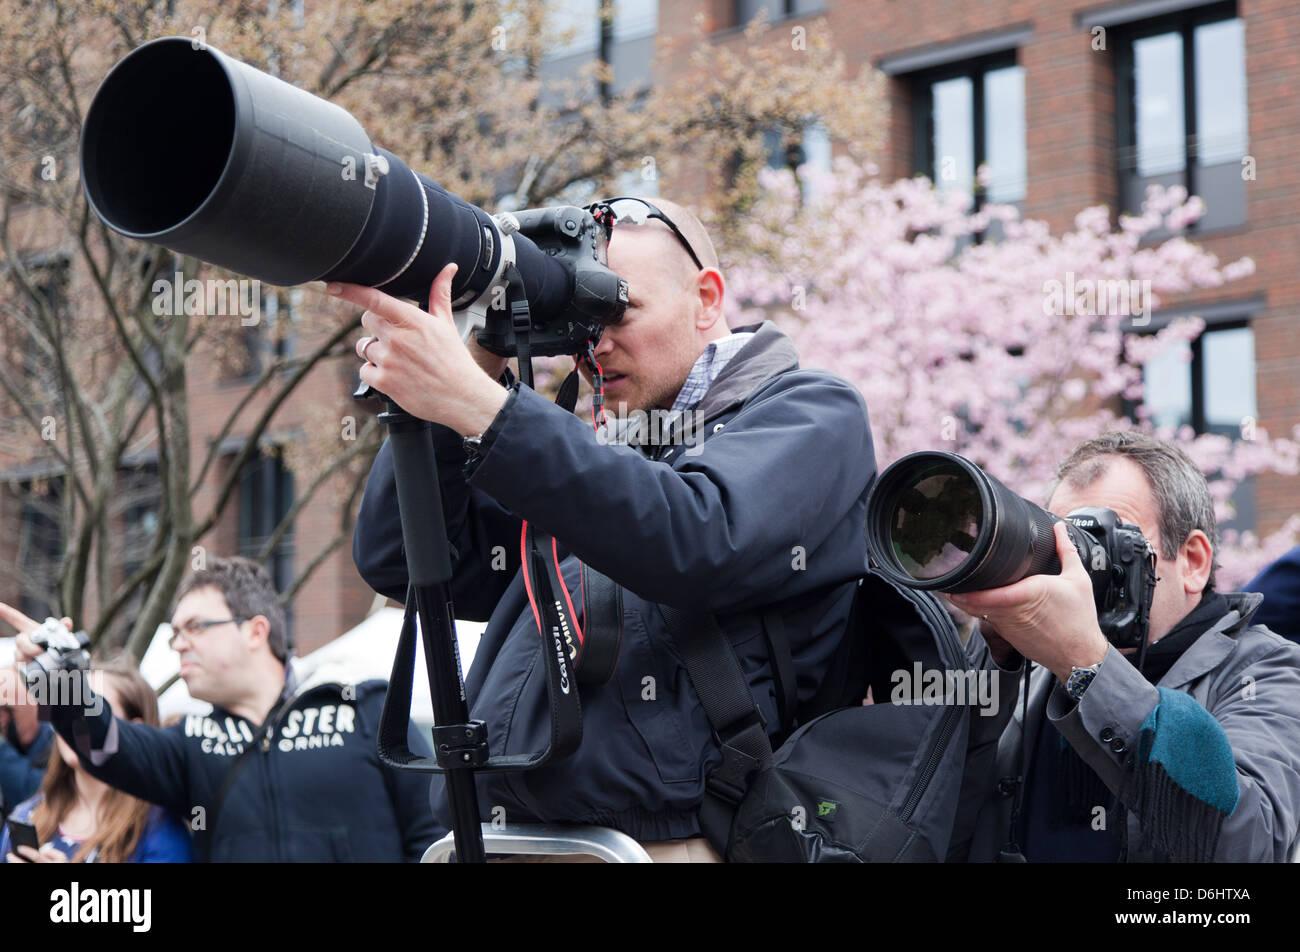 Paparazzi Photographers London UK - Stock Image